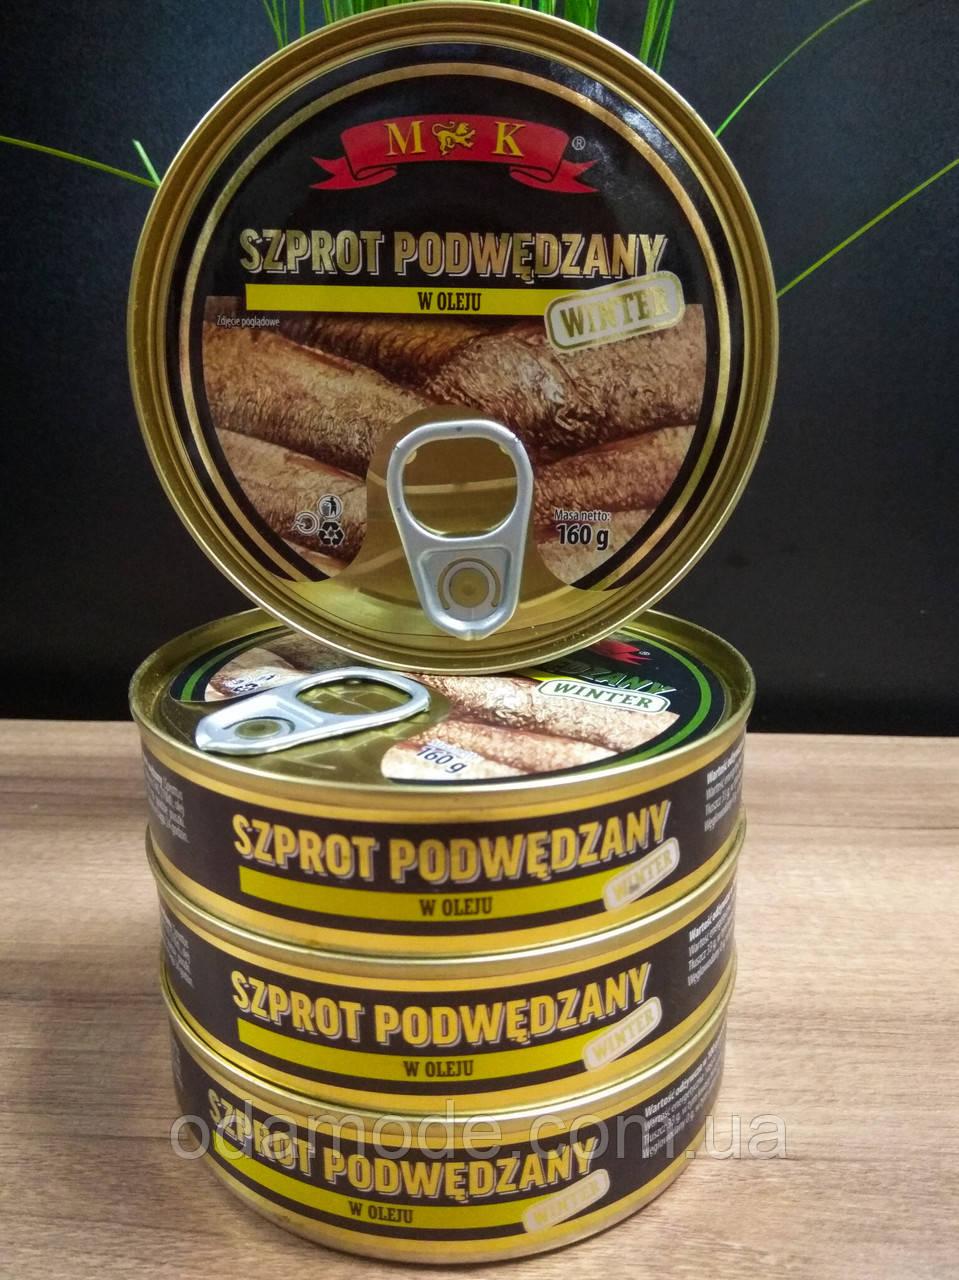 Шпроты подкопченные в растительном масле Szprot podwedzany Польша,160г.